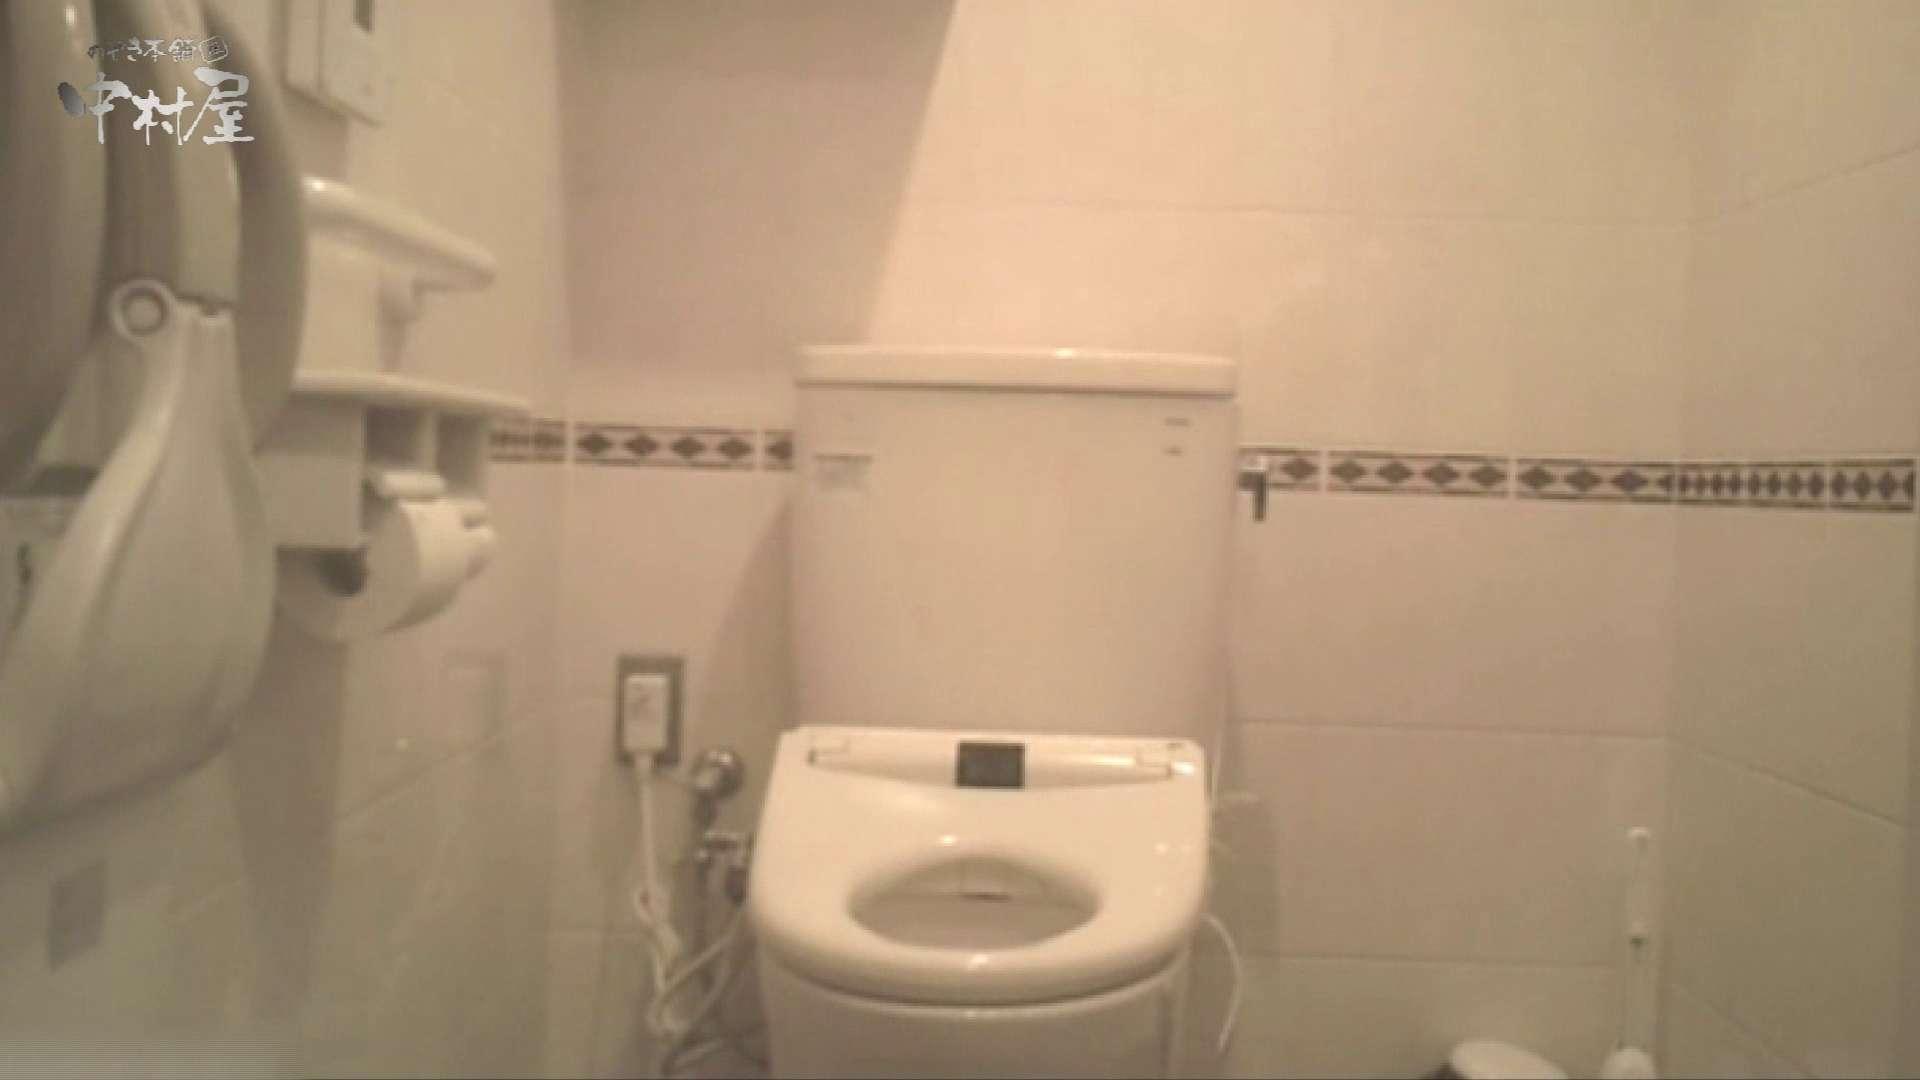 ティーンガールのトイレ覗き‼vol.25 お姉さんのエロ動画 | 女子大生のエロ動画  106PIX 13